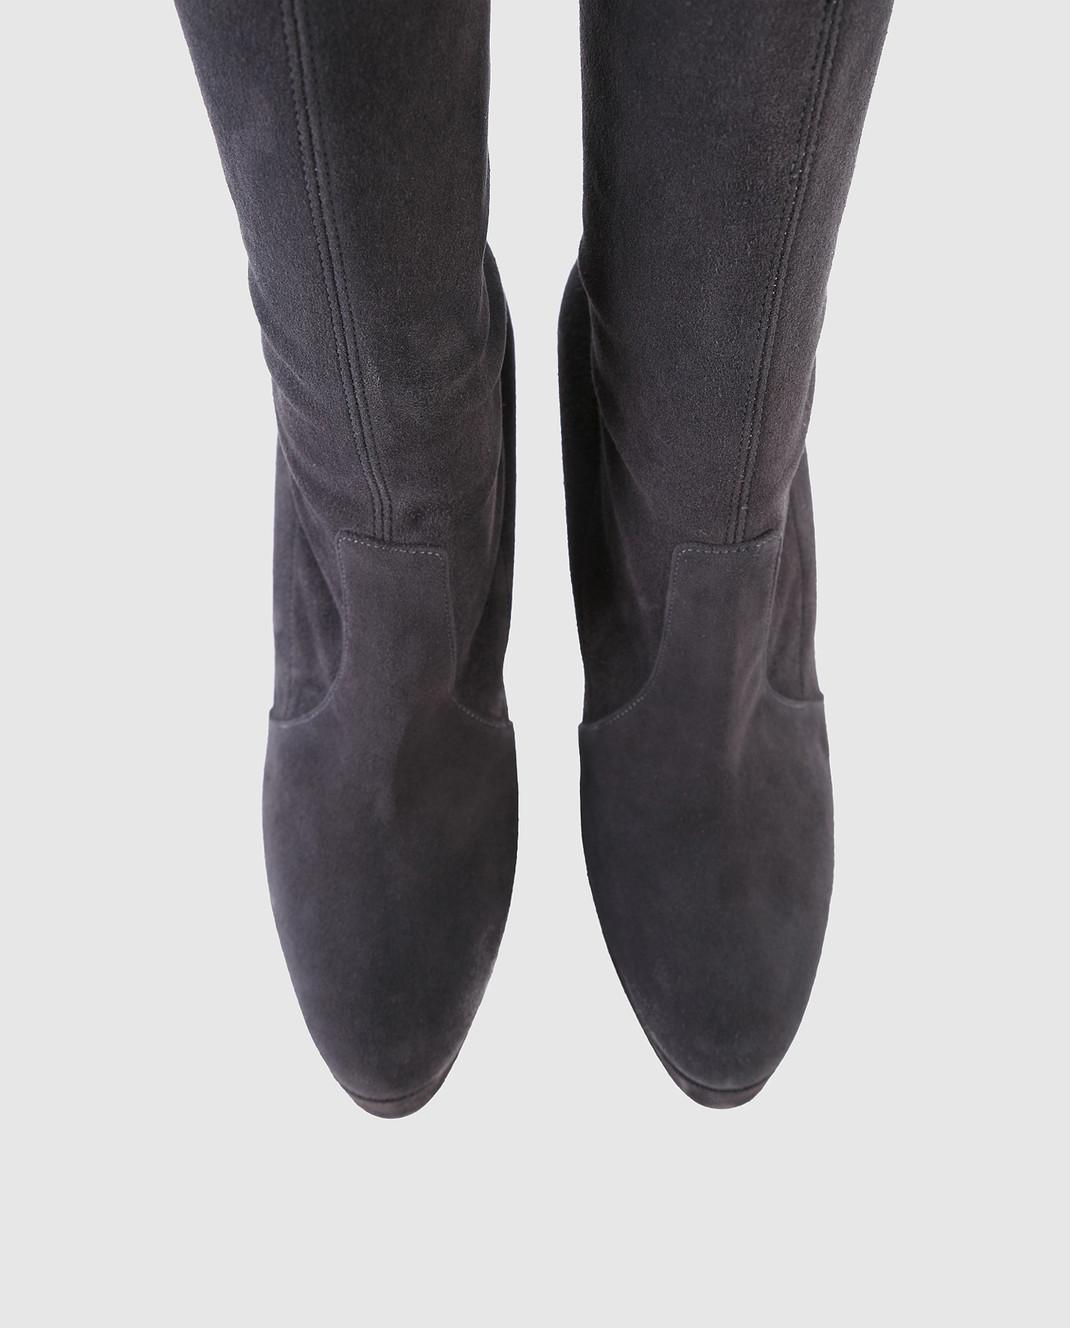 Casadei Темно-серые замшевые ботфорты 1T671L1201T045 изображение 4